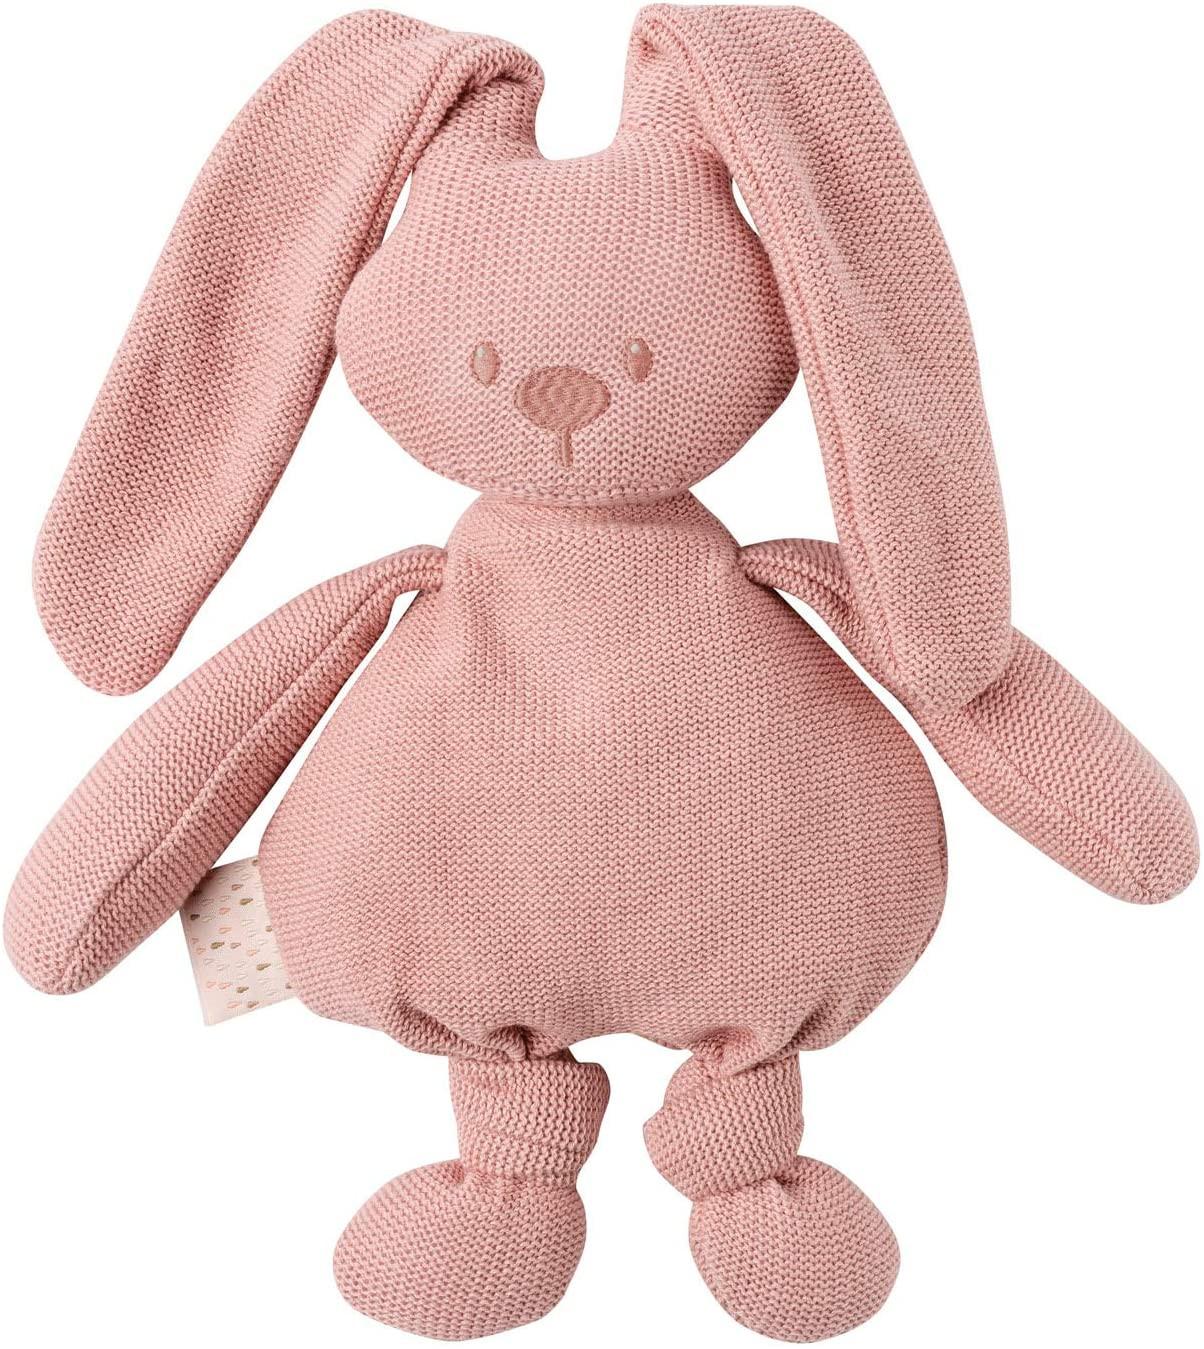 Coniglietto Doudou in Cotone - Rosa